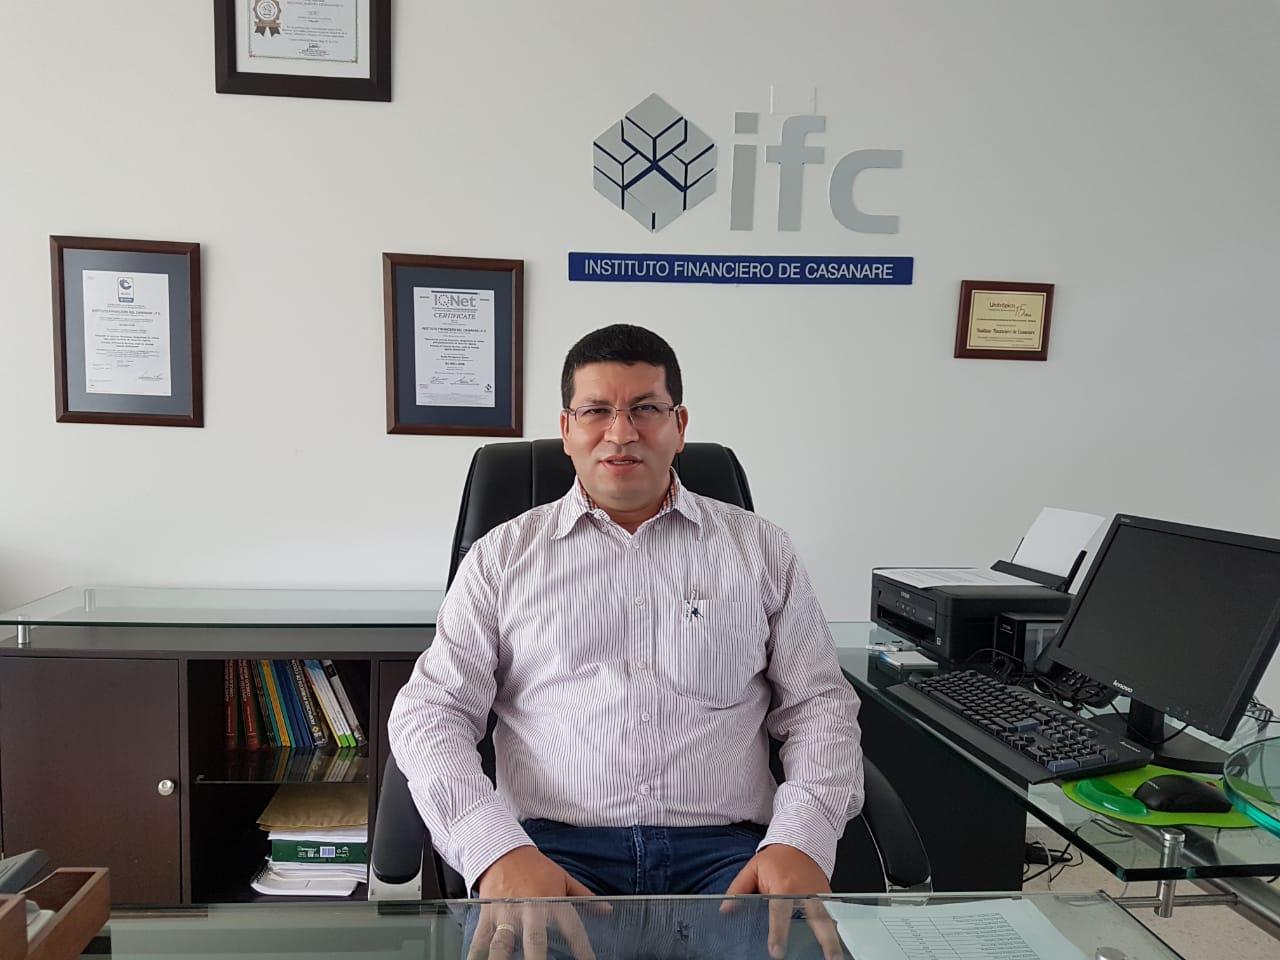 Dairo Martín Juya Ruiz es el nuevo gerente del IFC